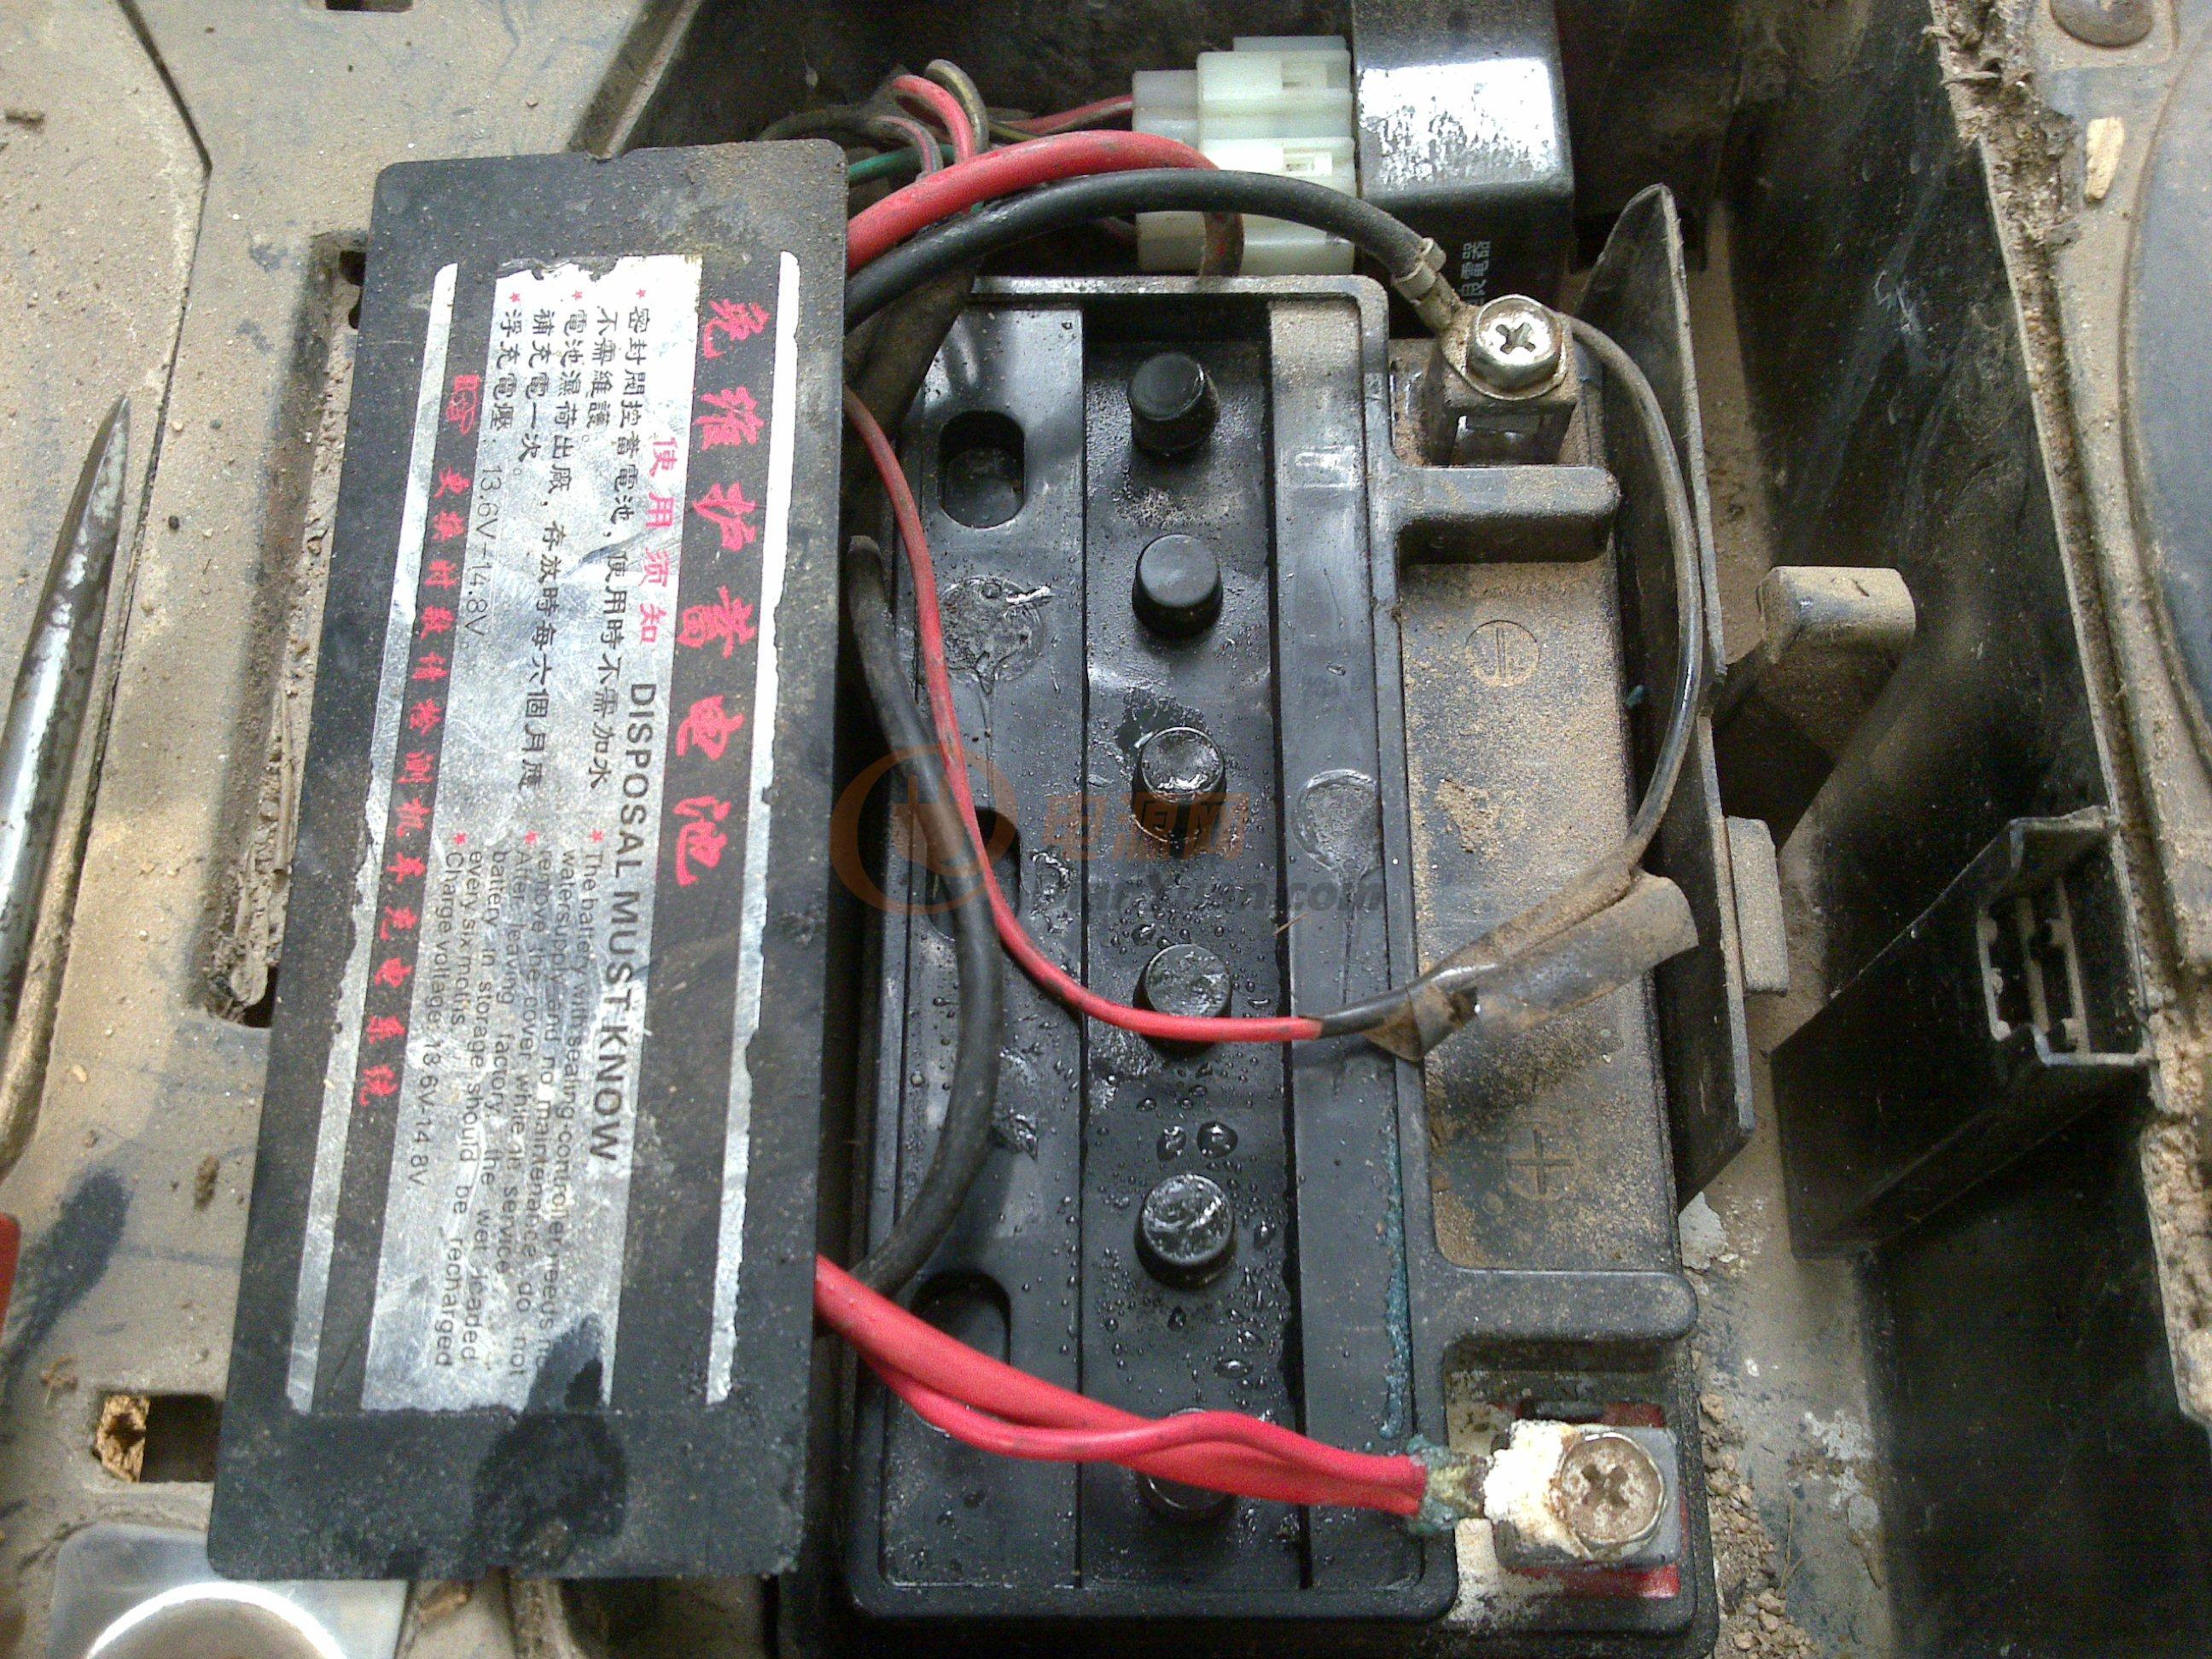 干电池本身就有水的,只是比较少,(干电池的优势就是比水电池轻便,不像水电池那样体积大装很多电池水)经常充放电水很快就会干,但它的真正寿命还没有终结,乡下村子里人摩托车老是打不着火,牵到圩镇上去给充了2个钟立马能打火,第二天又不能打火,拆开给12V10A电池足足注射10针筒电池水,充电4个钟,已经使用一年左右没有问题,这台女装摩托买了3年换了4个电池。根据我帮村子里人检查的摩托很多都是干电池没水了,不能发生化学反应,所以不会充放电,试想里面的铅板没有电池水怎么会发生化学反应?干电池只要没有鼓包变形,或者被短